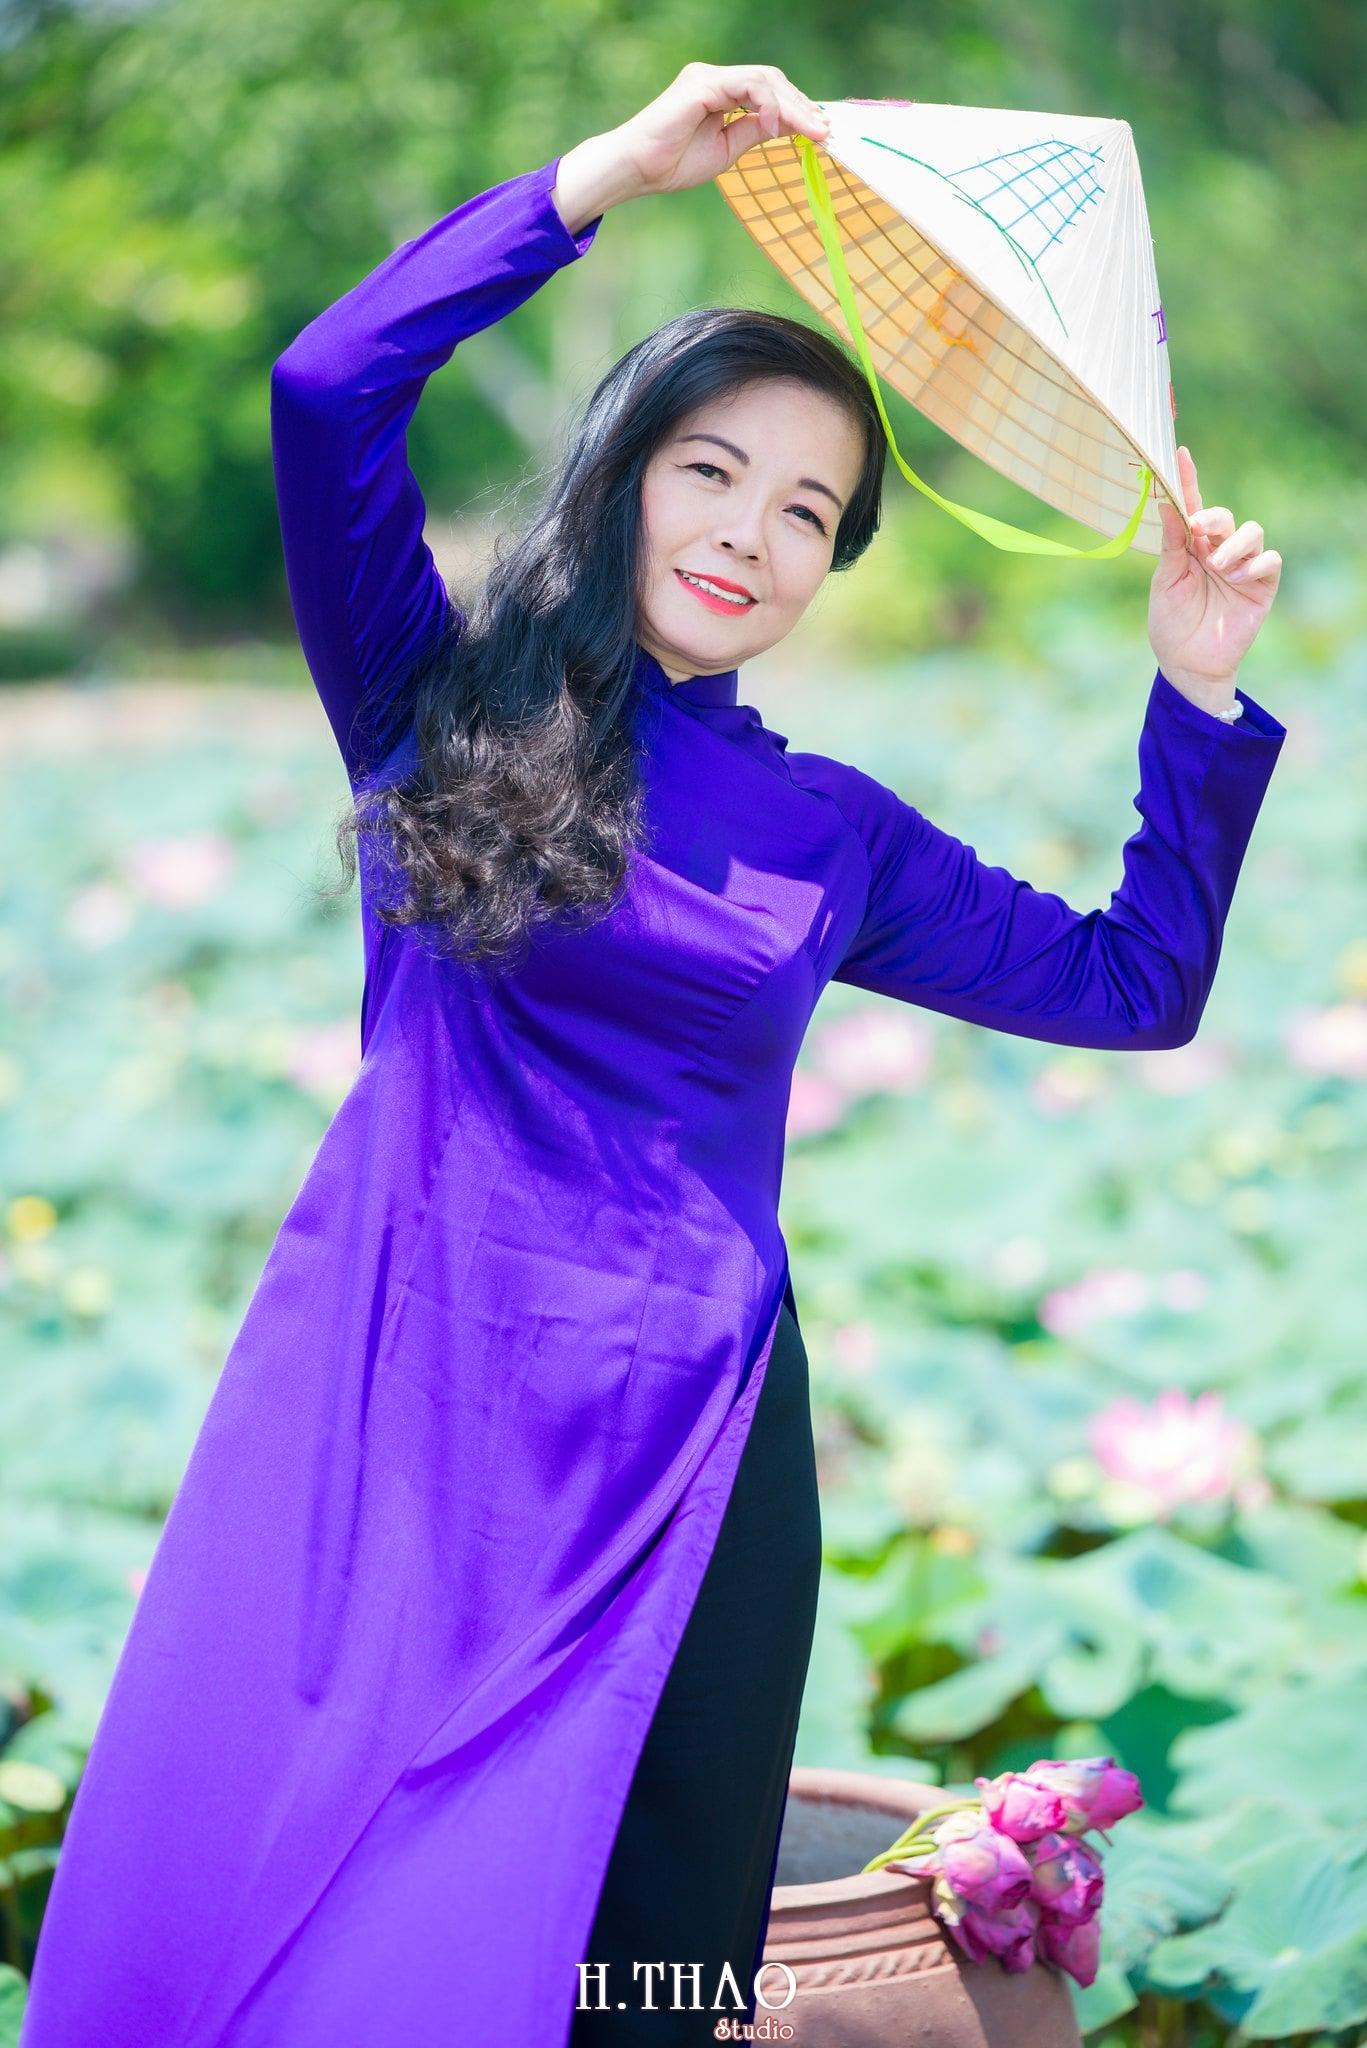 nh áo dài hoa sen 22 - Góc ảnh áo dài tuổi 50 cô Phương chụp với hoa sen- HThao Studio